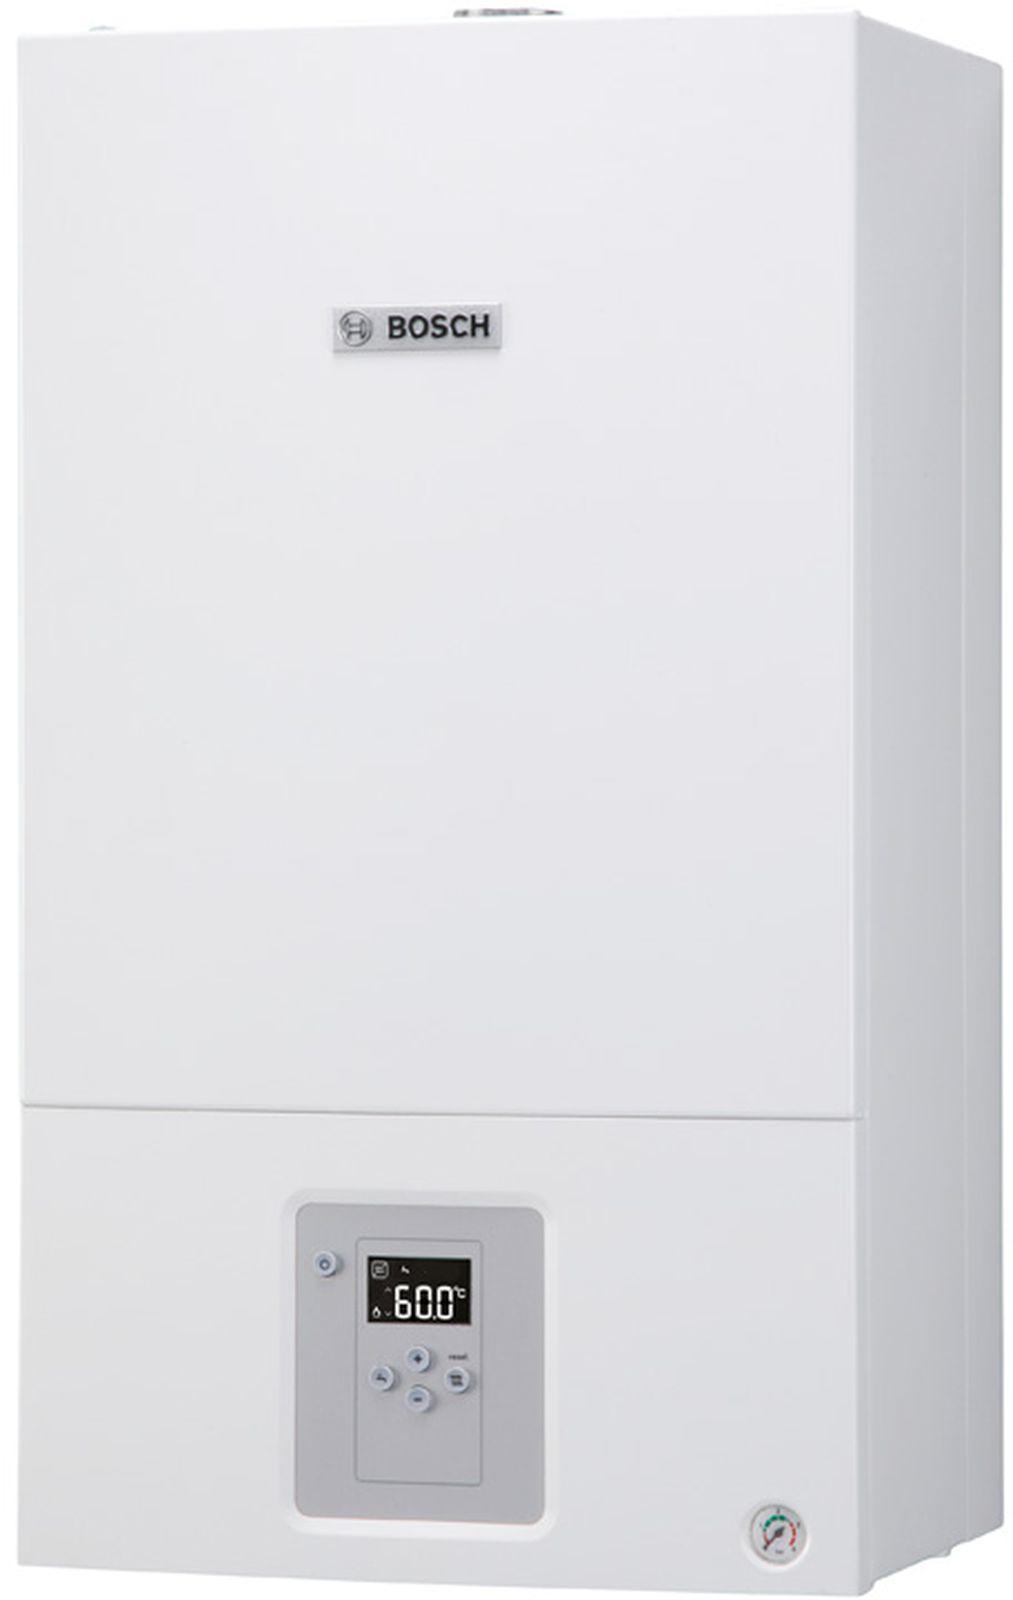 цена на Котел газовый настенный Bosch WBN6000-12C, белый